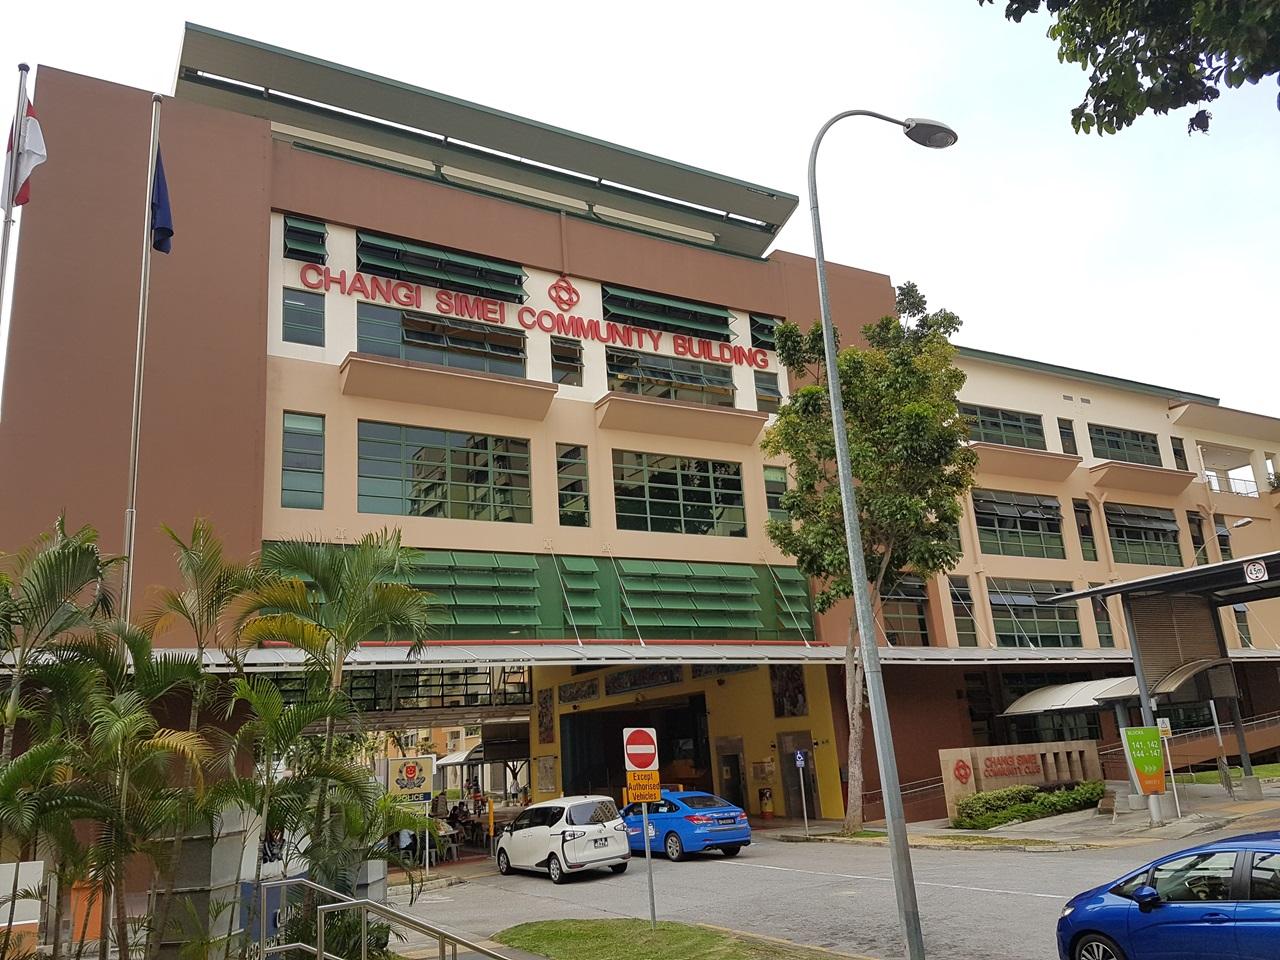 Changi Simei CC